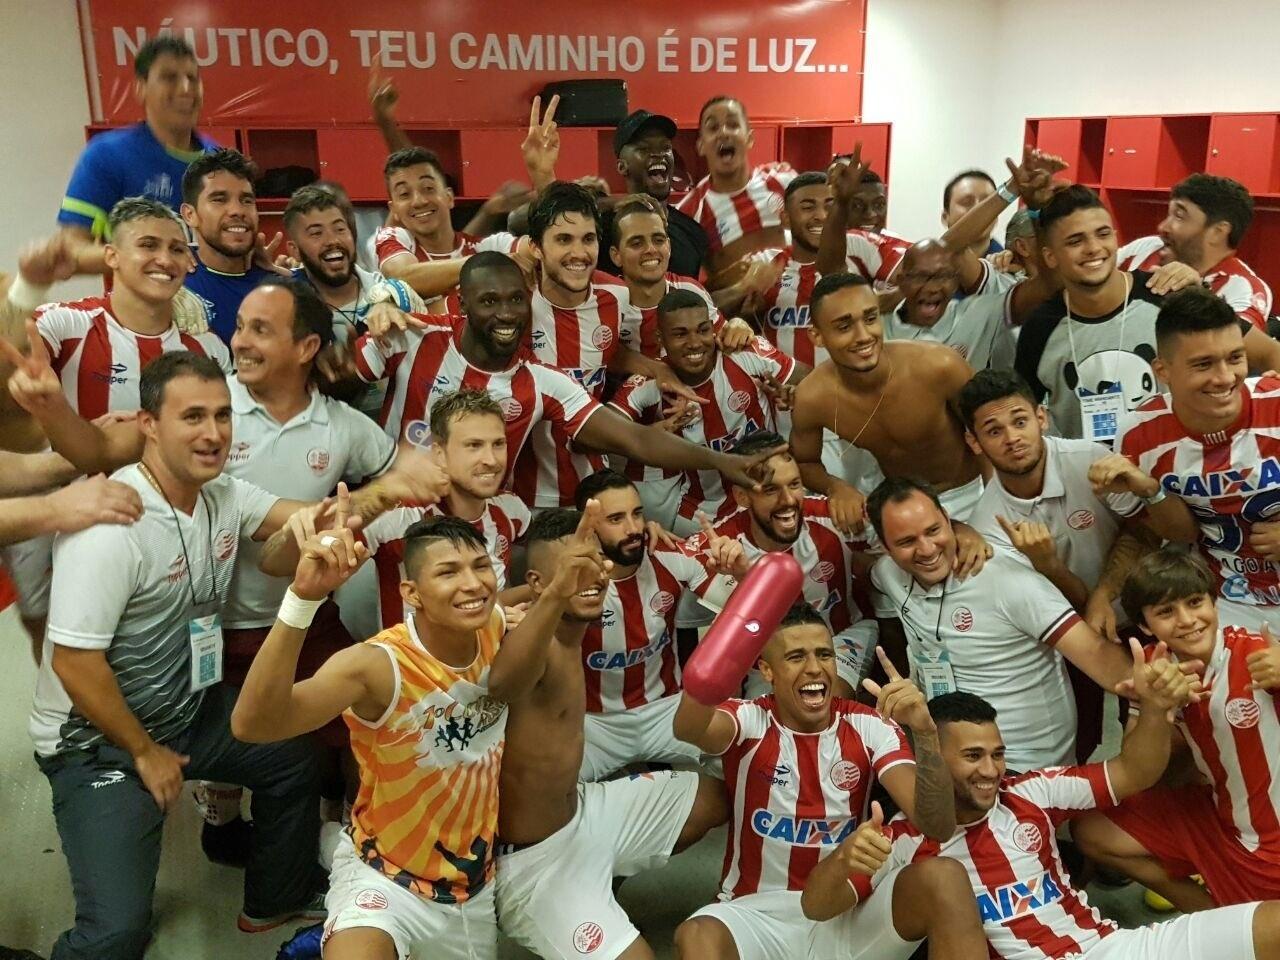 Jogadores do Náutico comemoram vitória sobre o Ceará